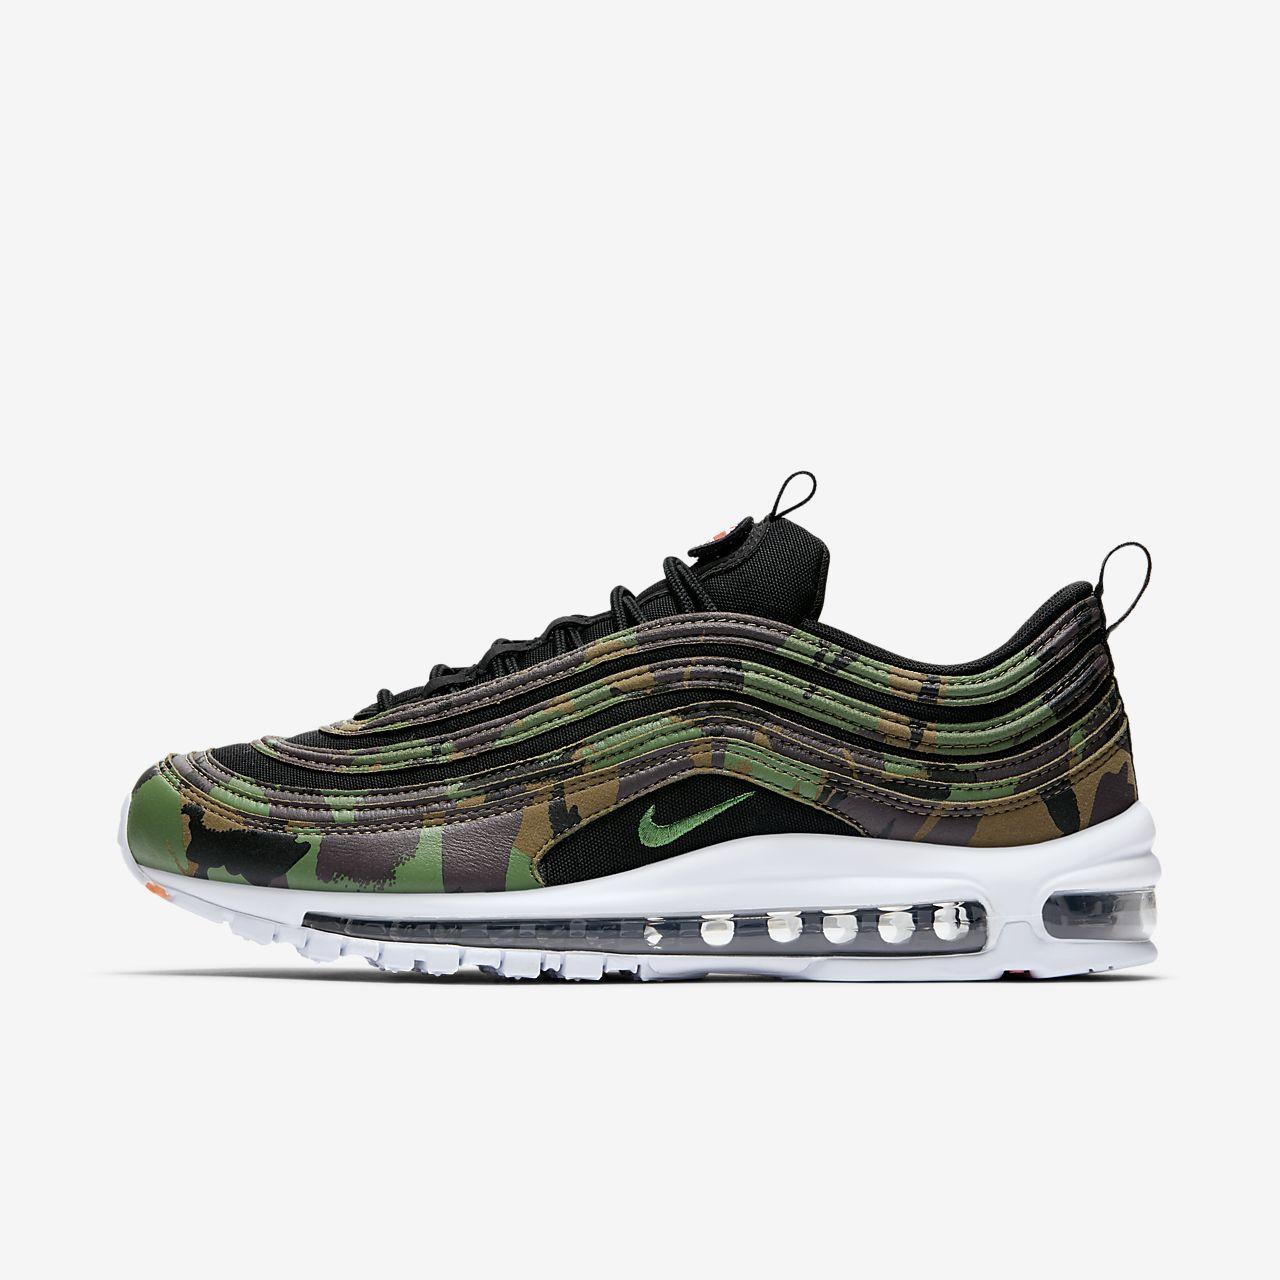 ... Chaussure Nike Air Max 97 Premium QS pour Homme